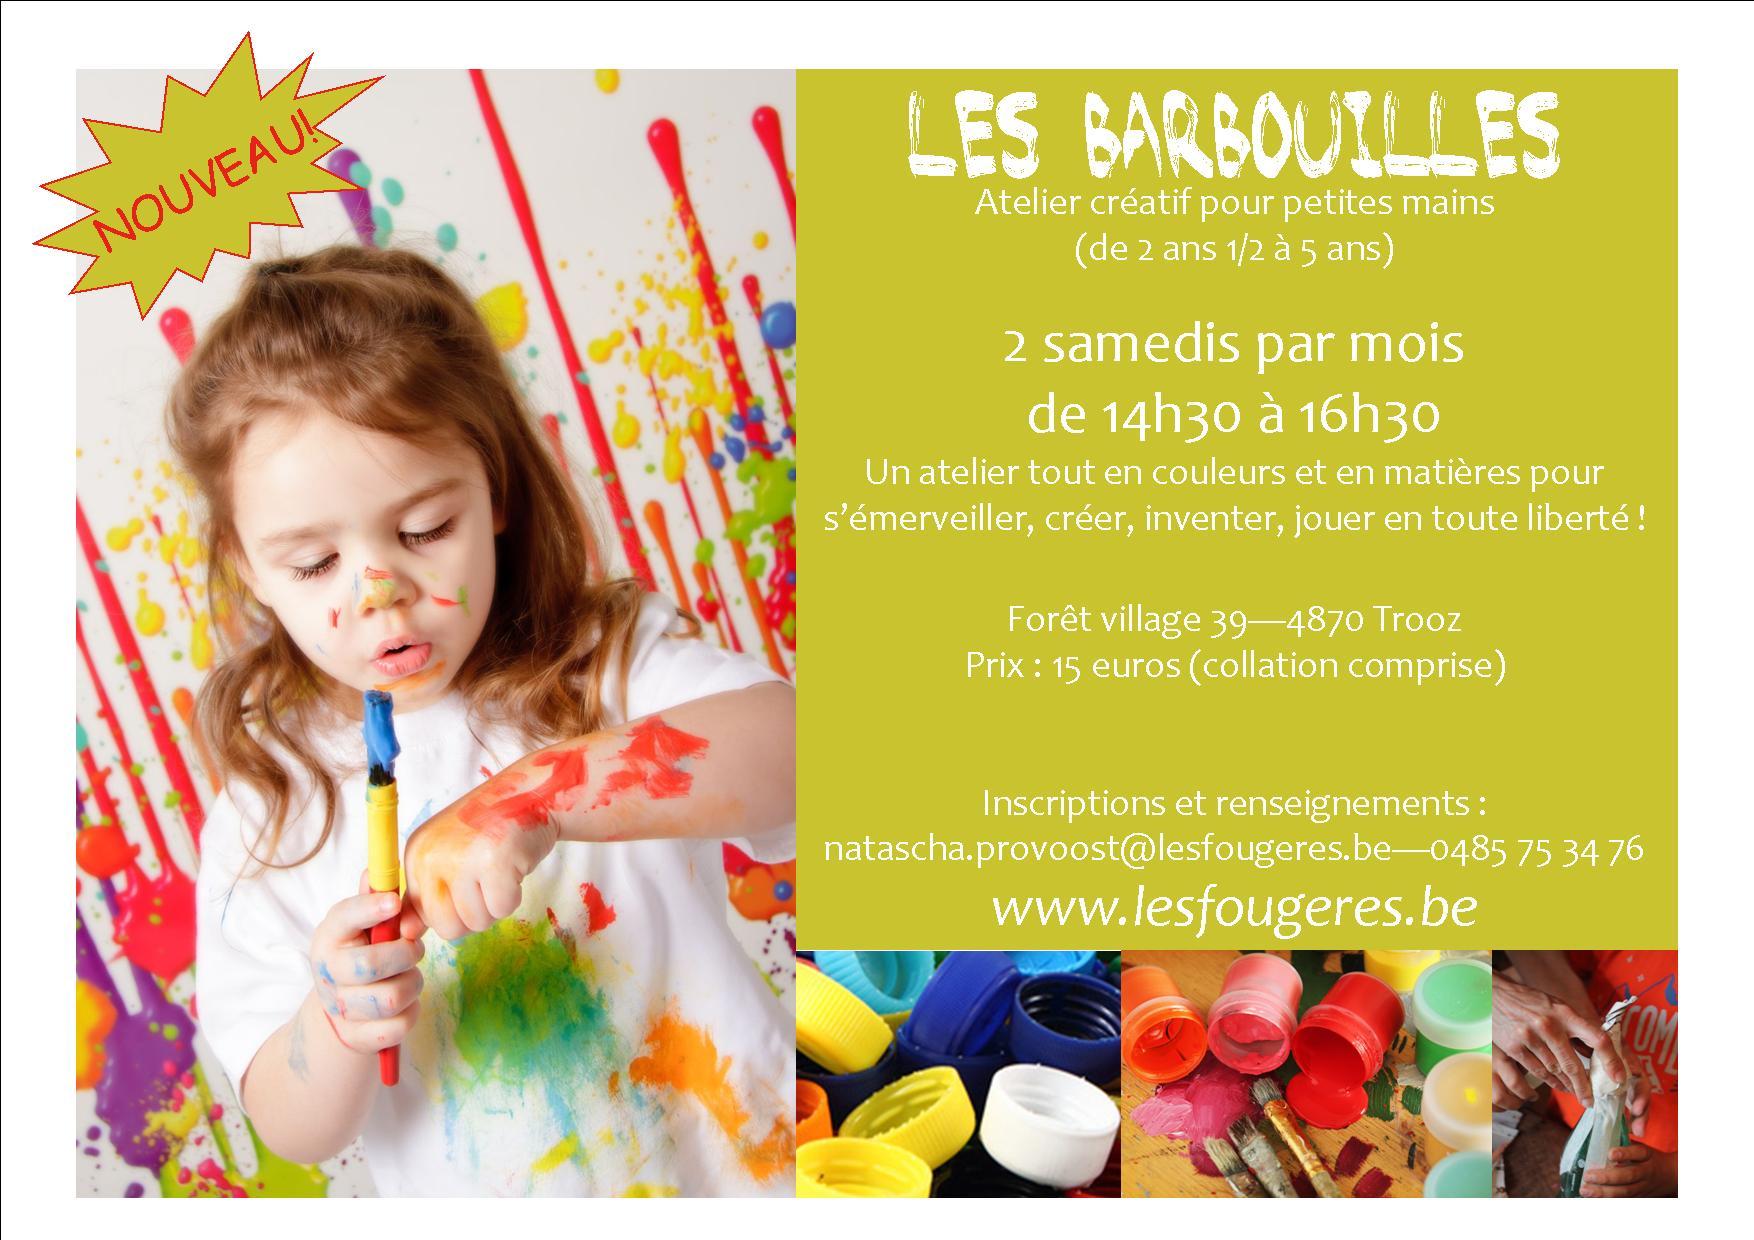 Affiche Barbouilles